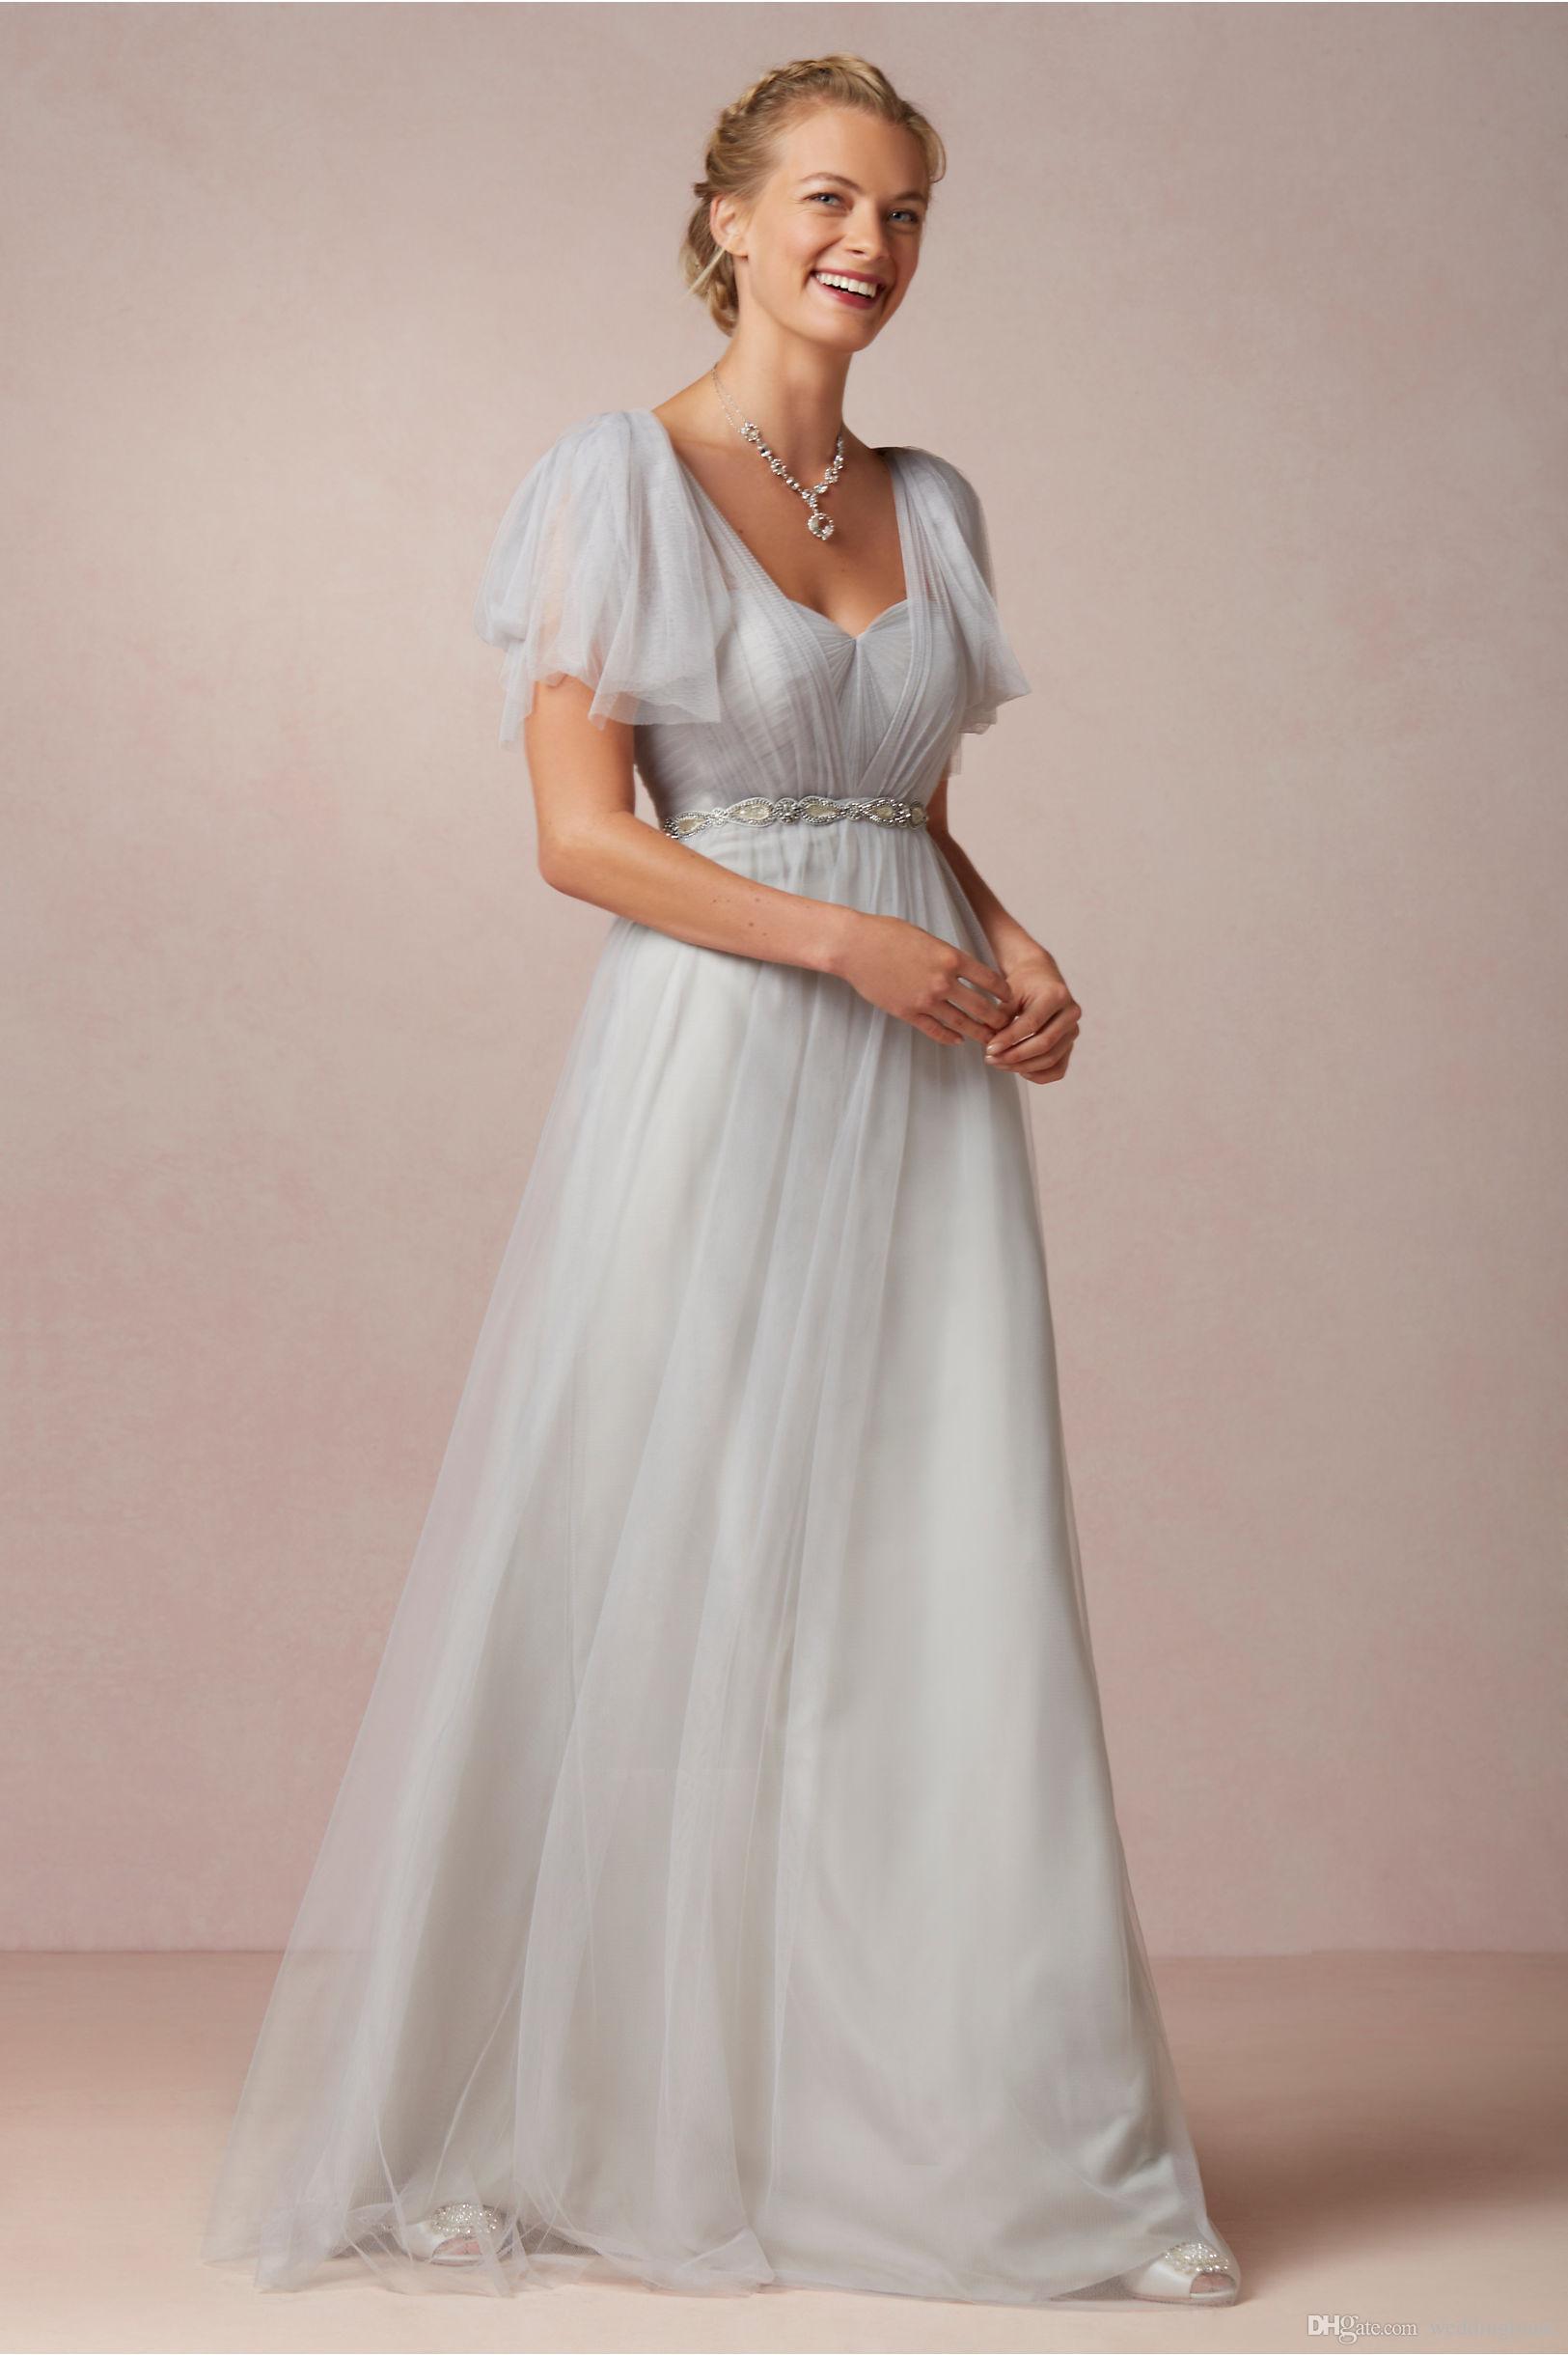 Bruidsmeisje jurken goedkope 2021 zilveren a-lijn converteerbare plooi tule meid eer speciale gelegenheid jurken voor bruiloft